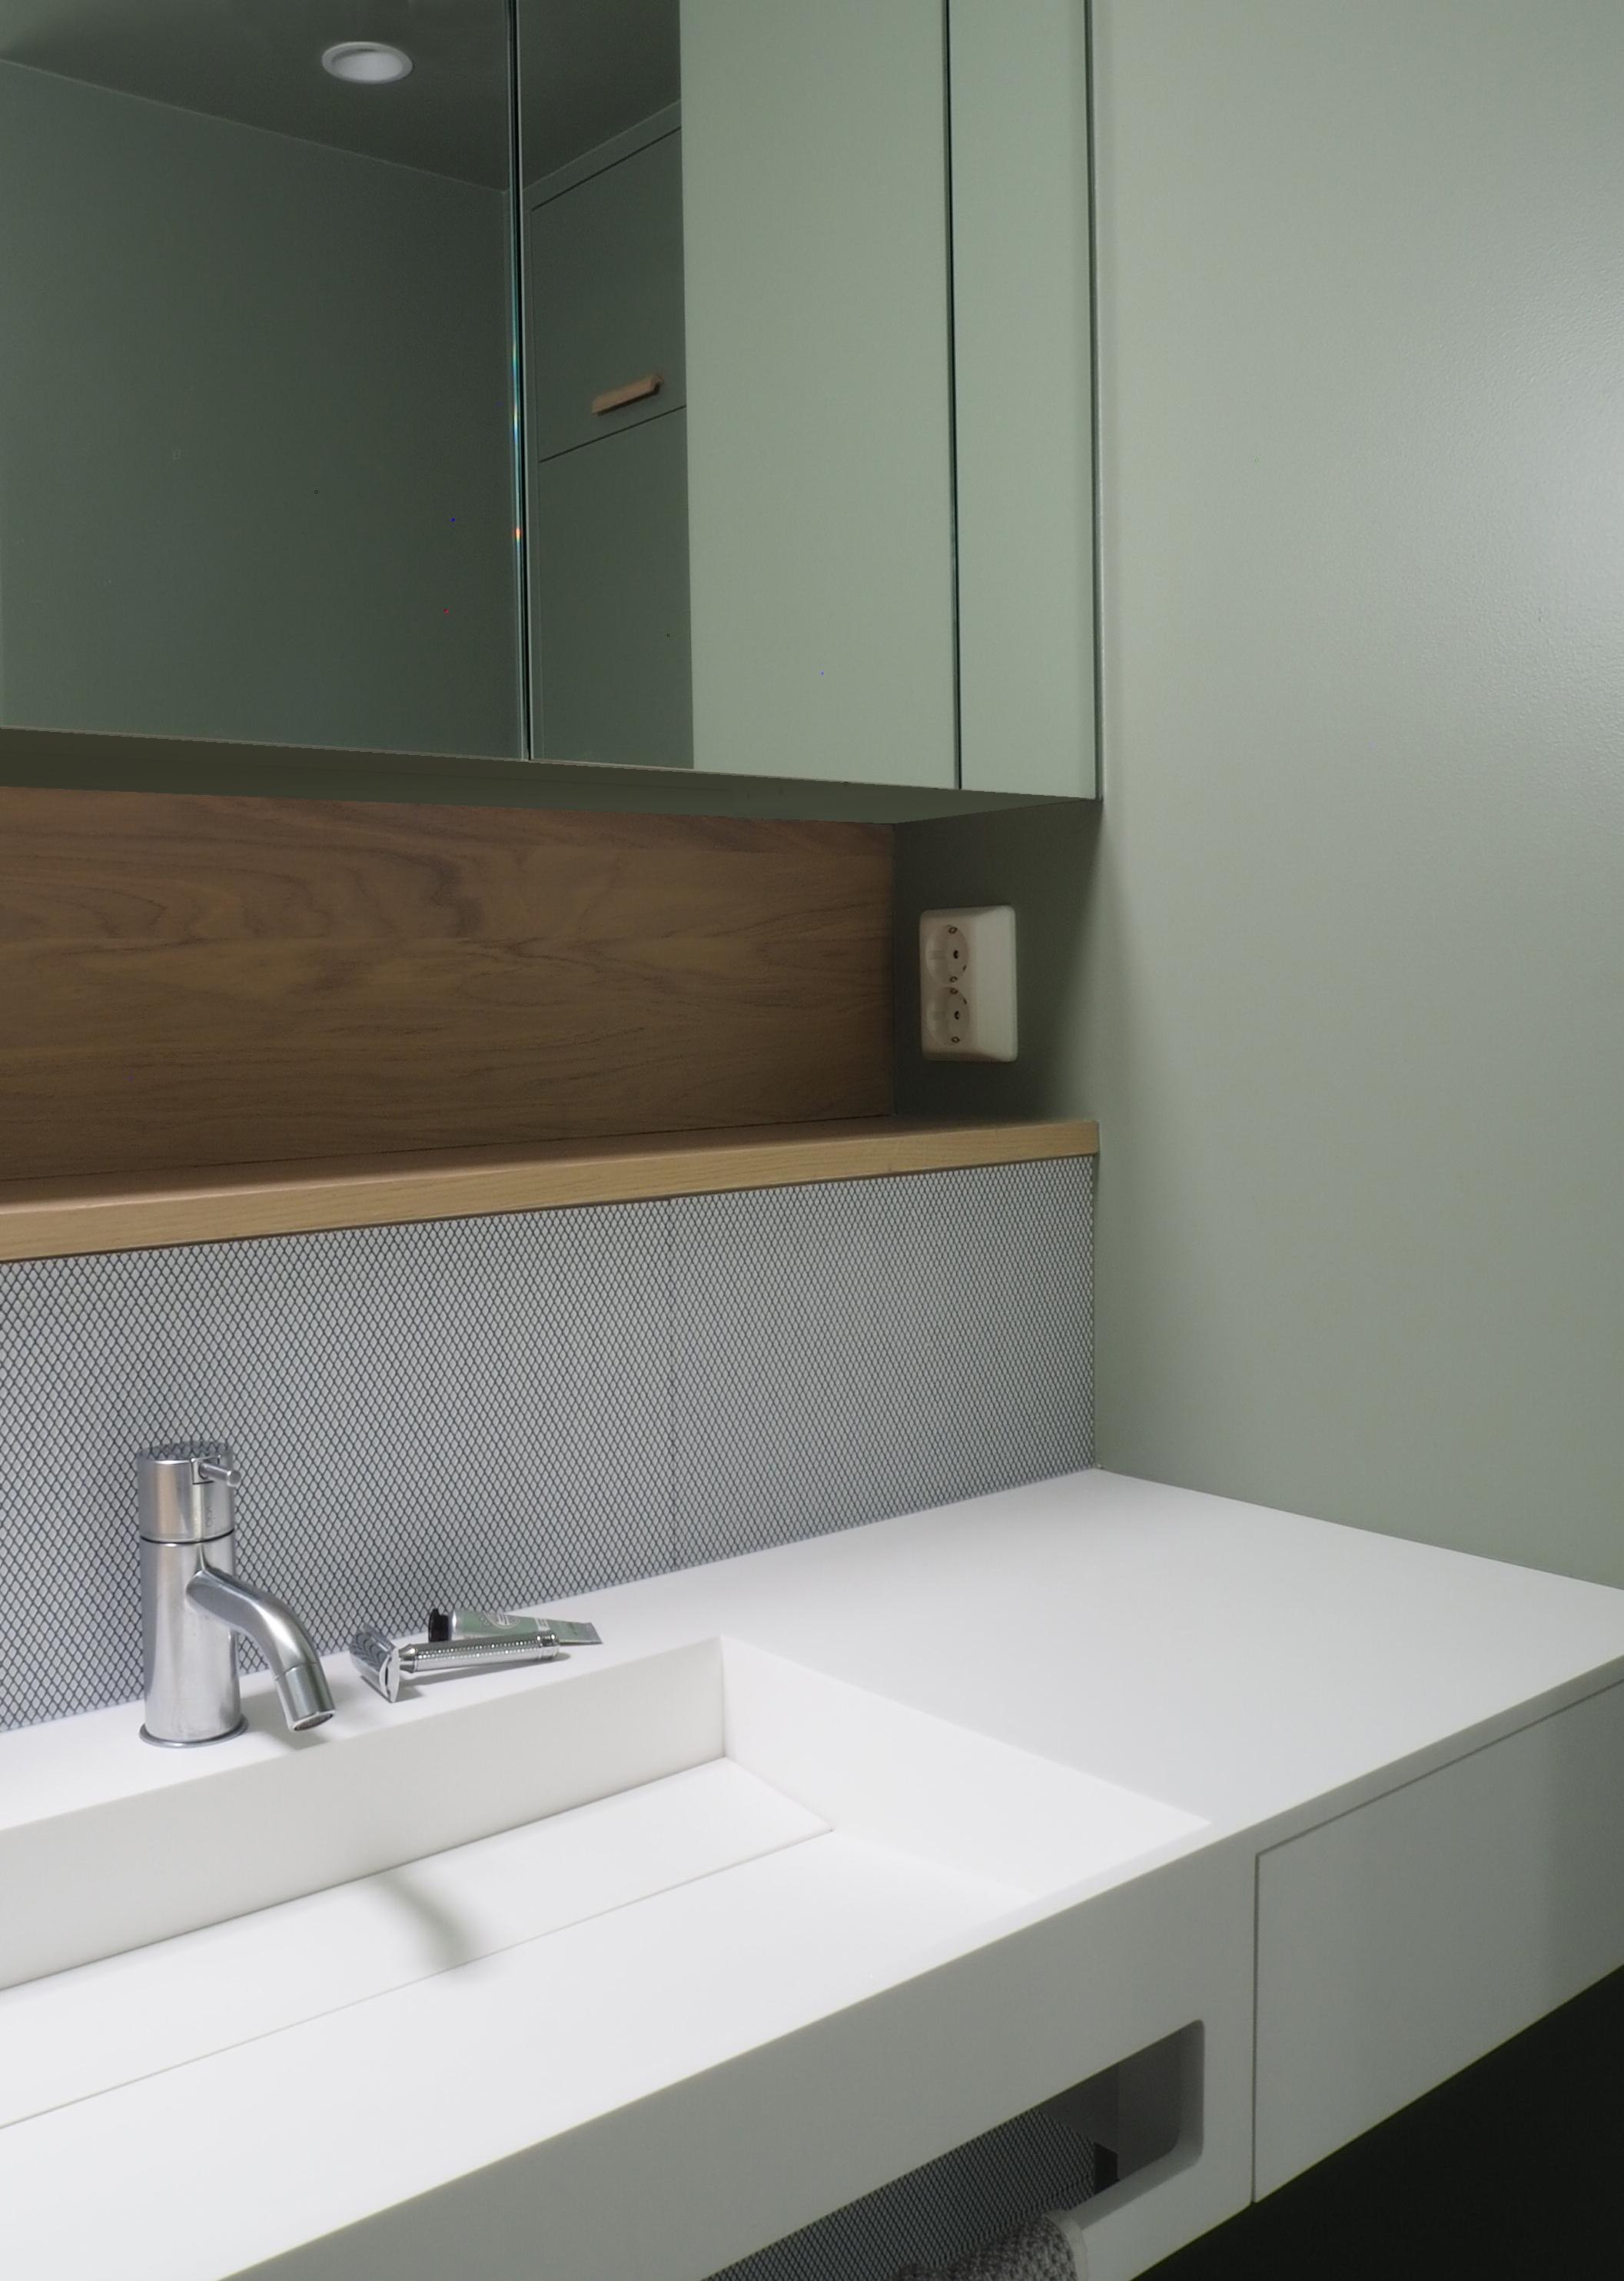 Servant fra Bath Copenhagen er kjøpt hos Bella studio. Den integrerte håndkleholderen er praktisk plassert under vasken, til høyre en skuff for de små stellesakene.